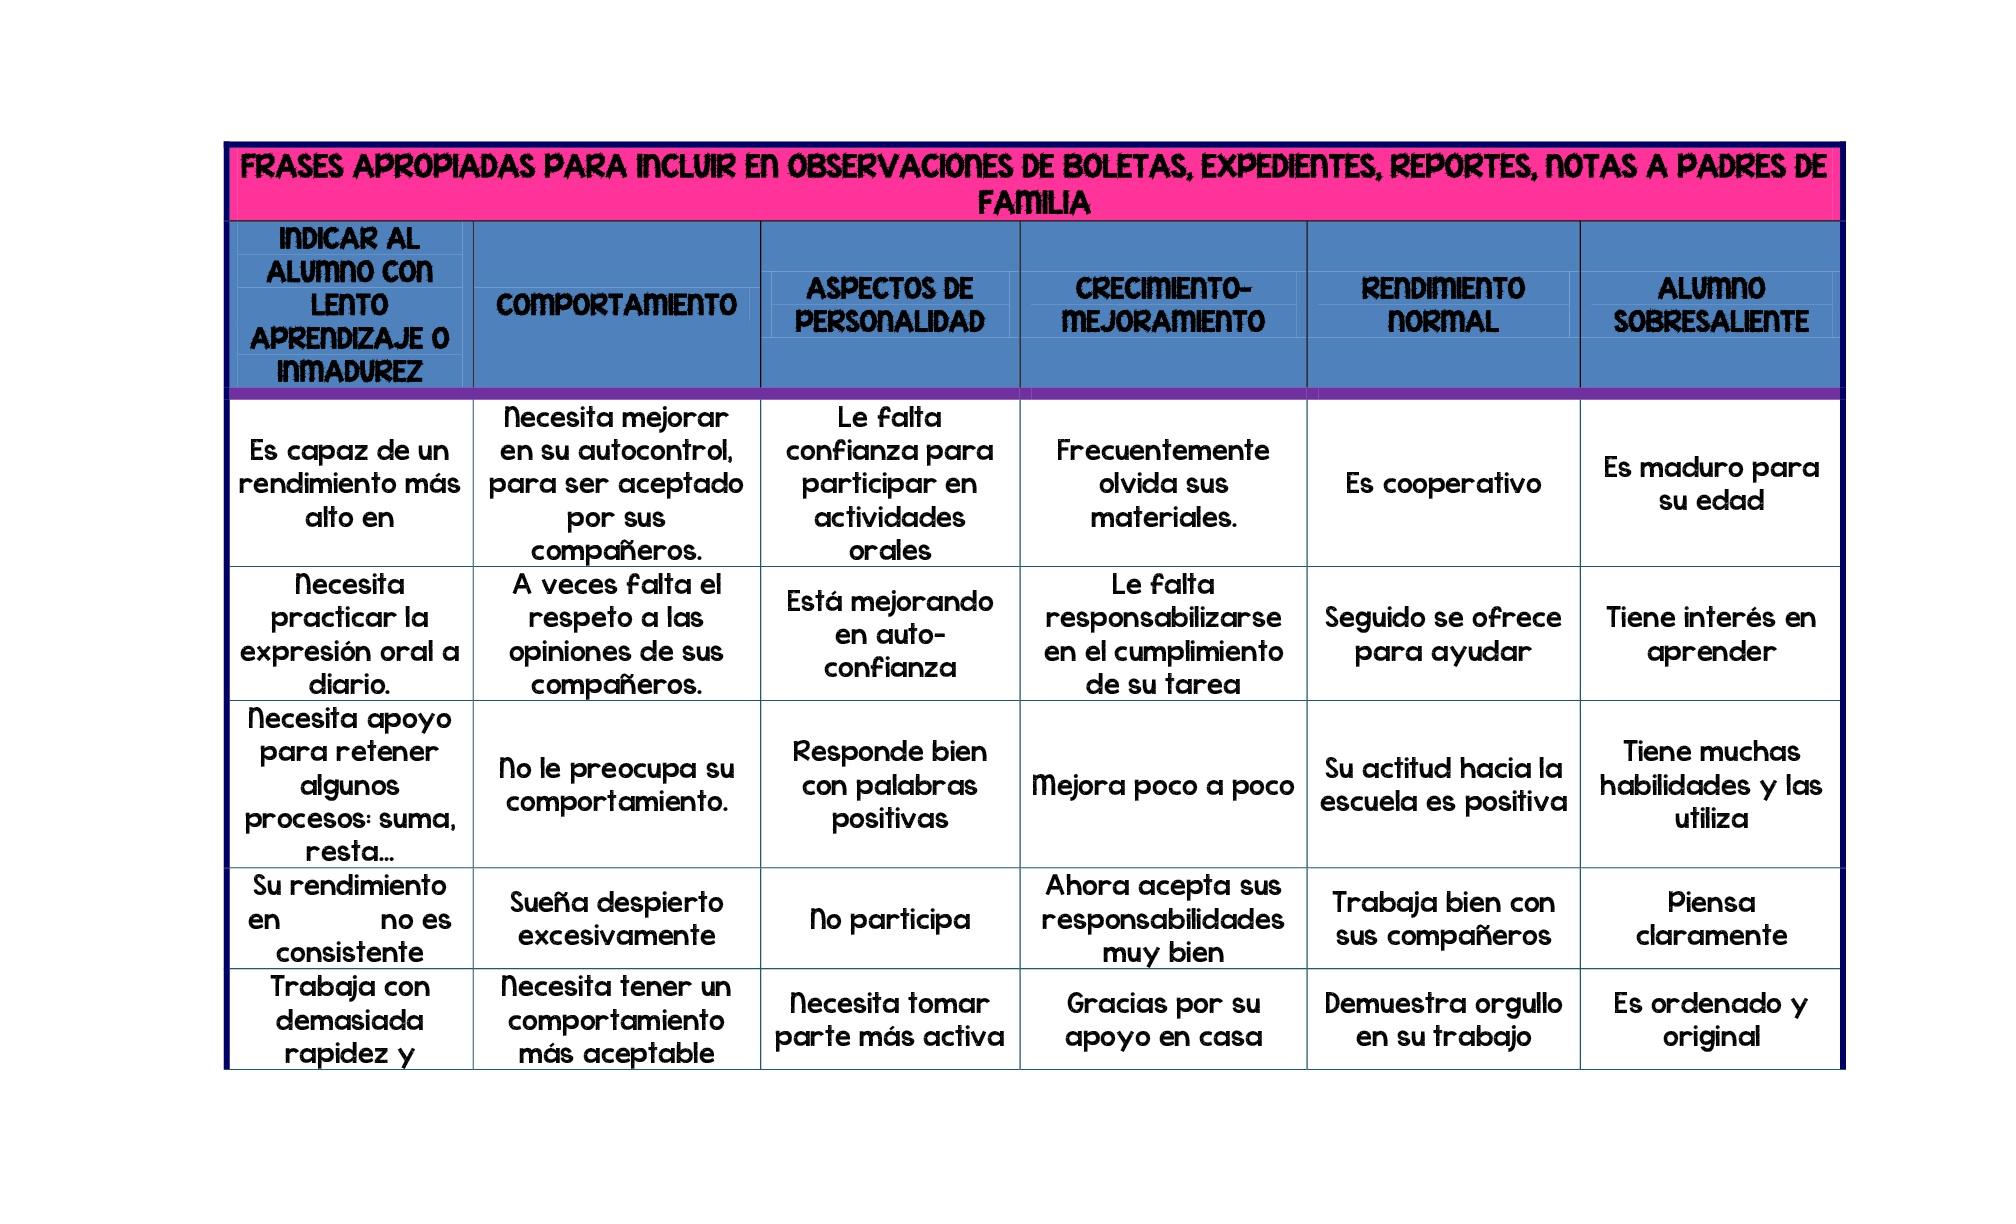 Frases Apropiadas Para Incluir En Las Observaciones De Evaluaciones